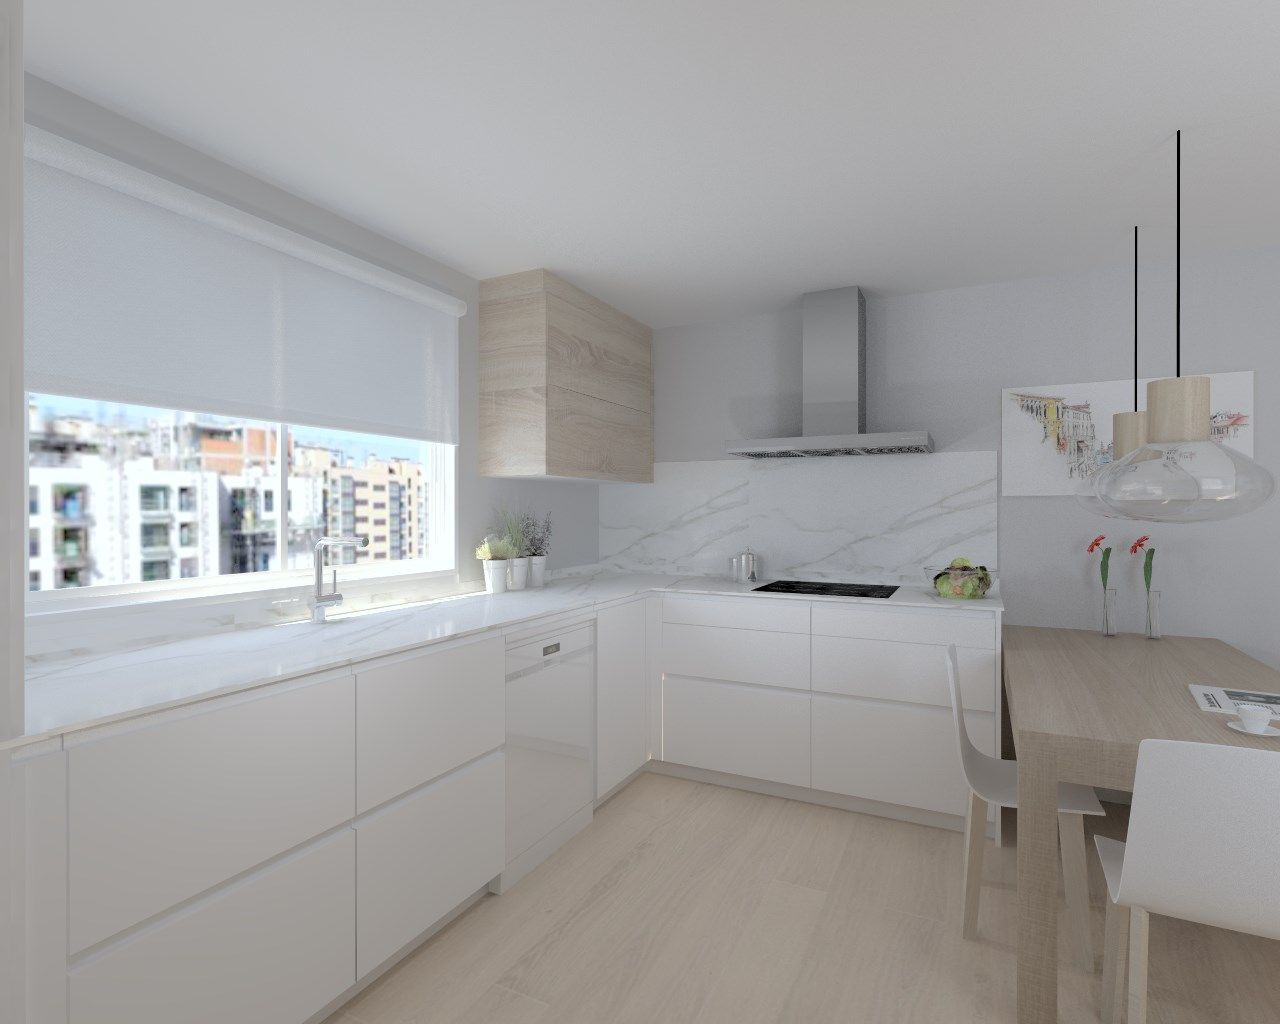 proyectos de cocina en madrid | Cocinas | Pinterest | Madrid ...